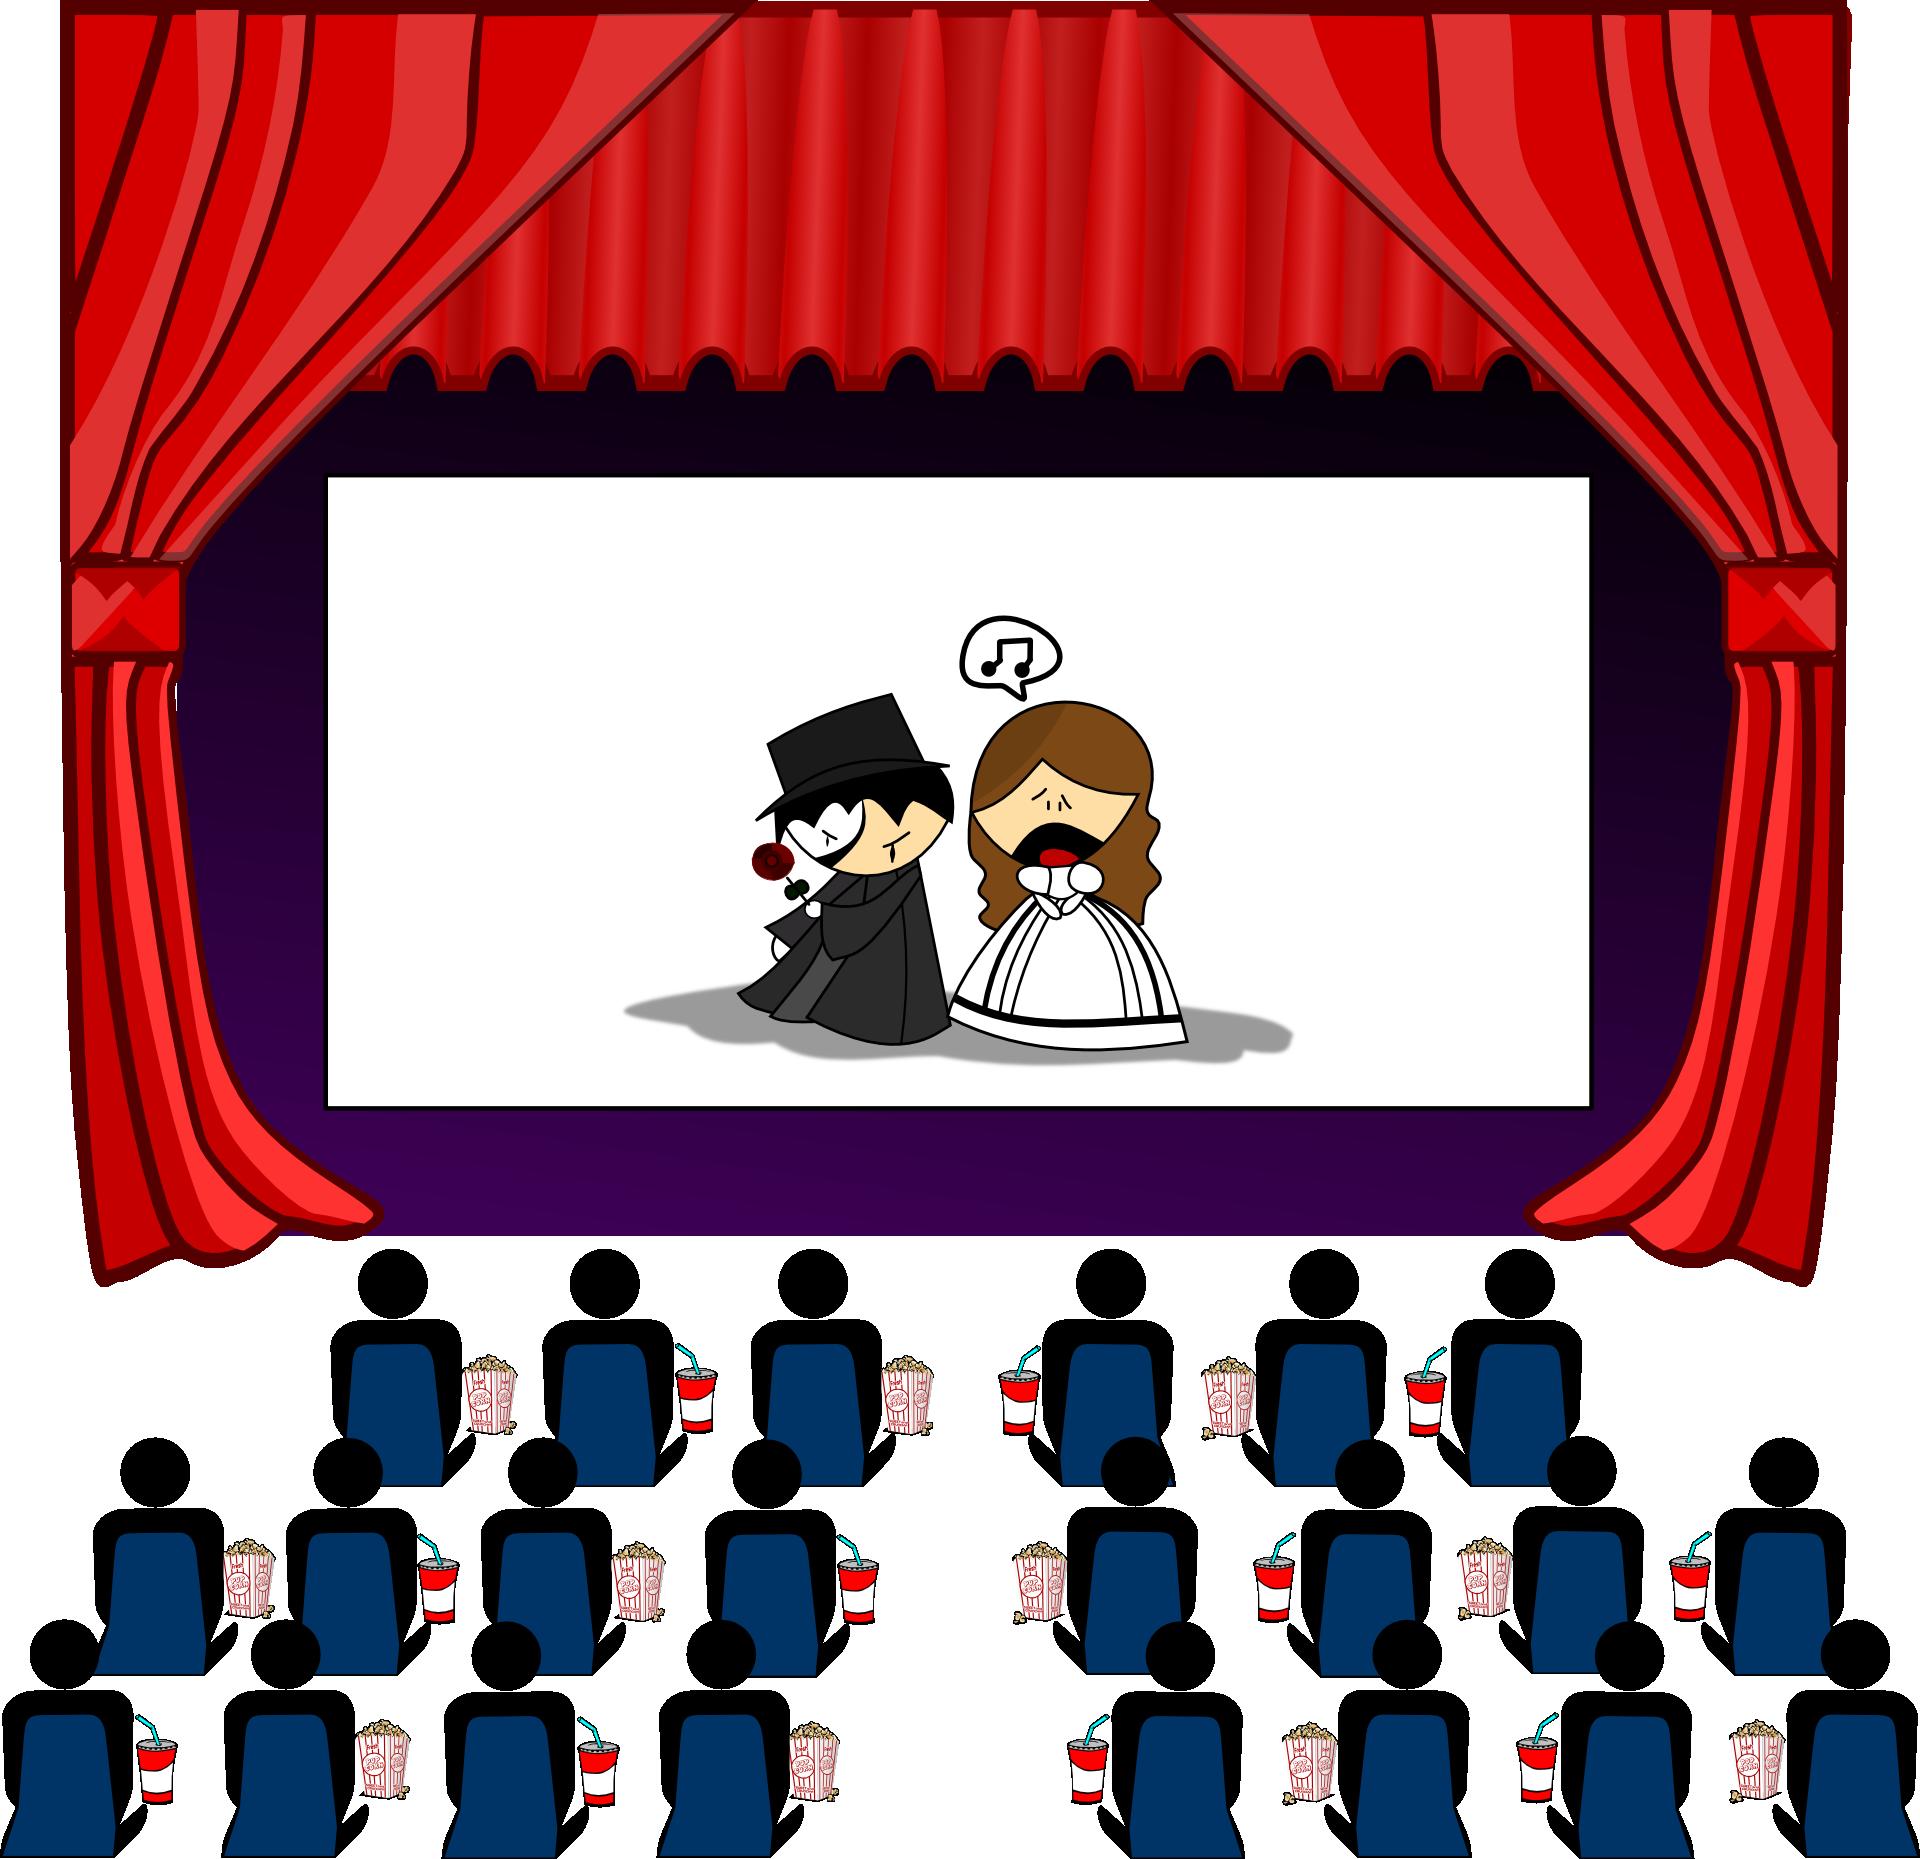 Drama - Theater